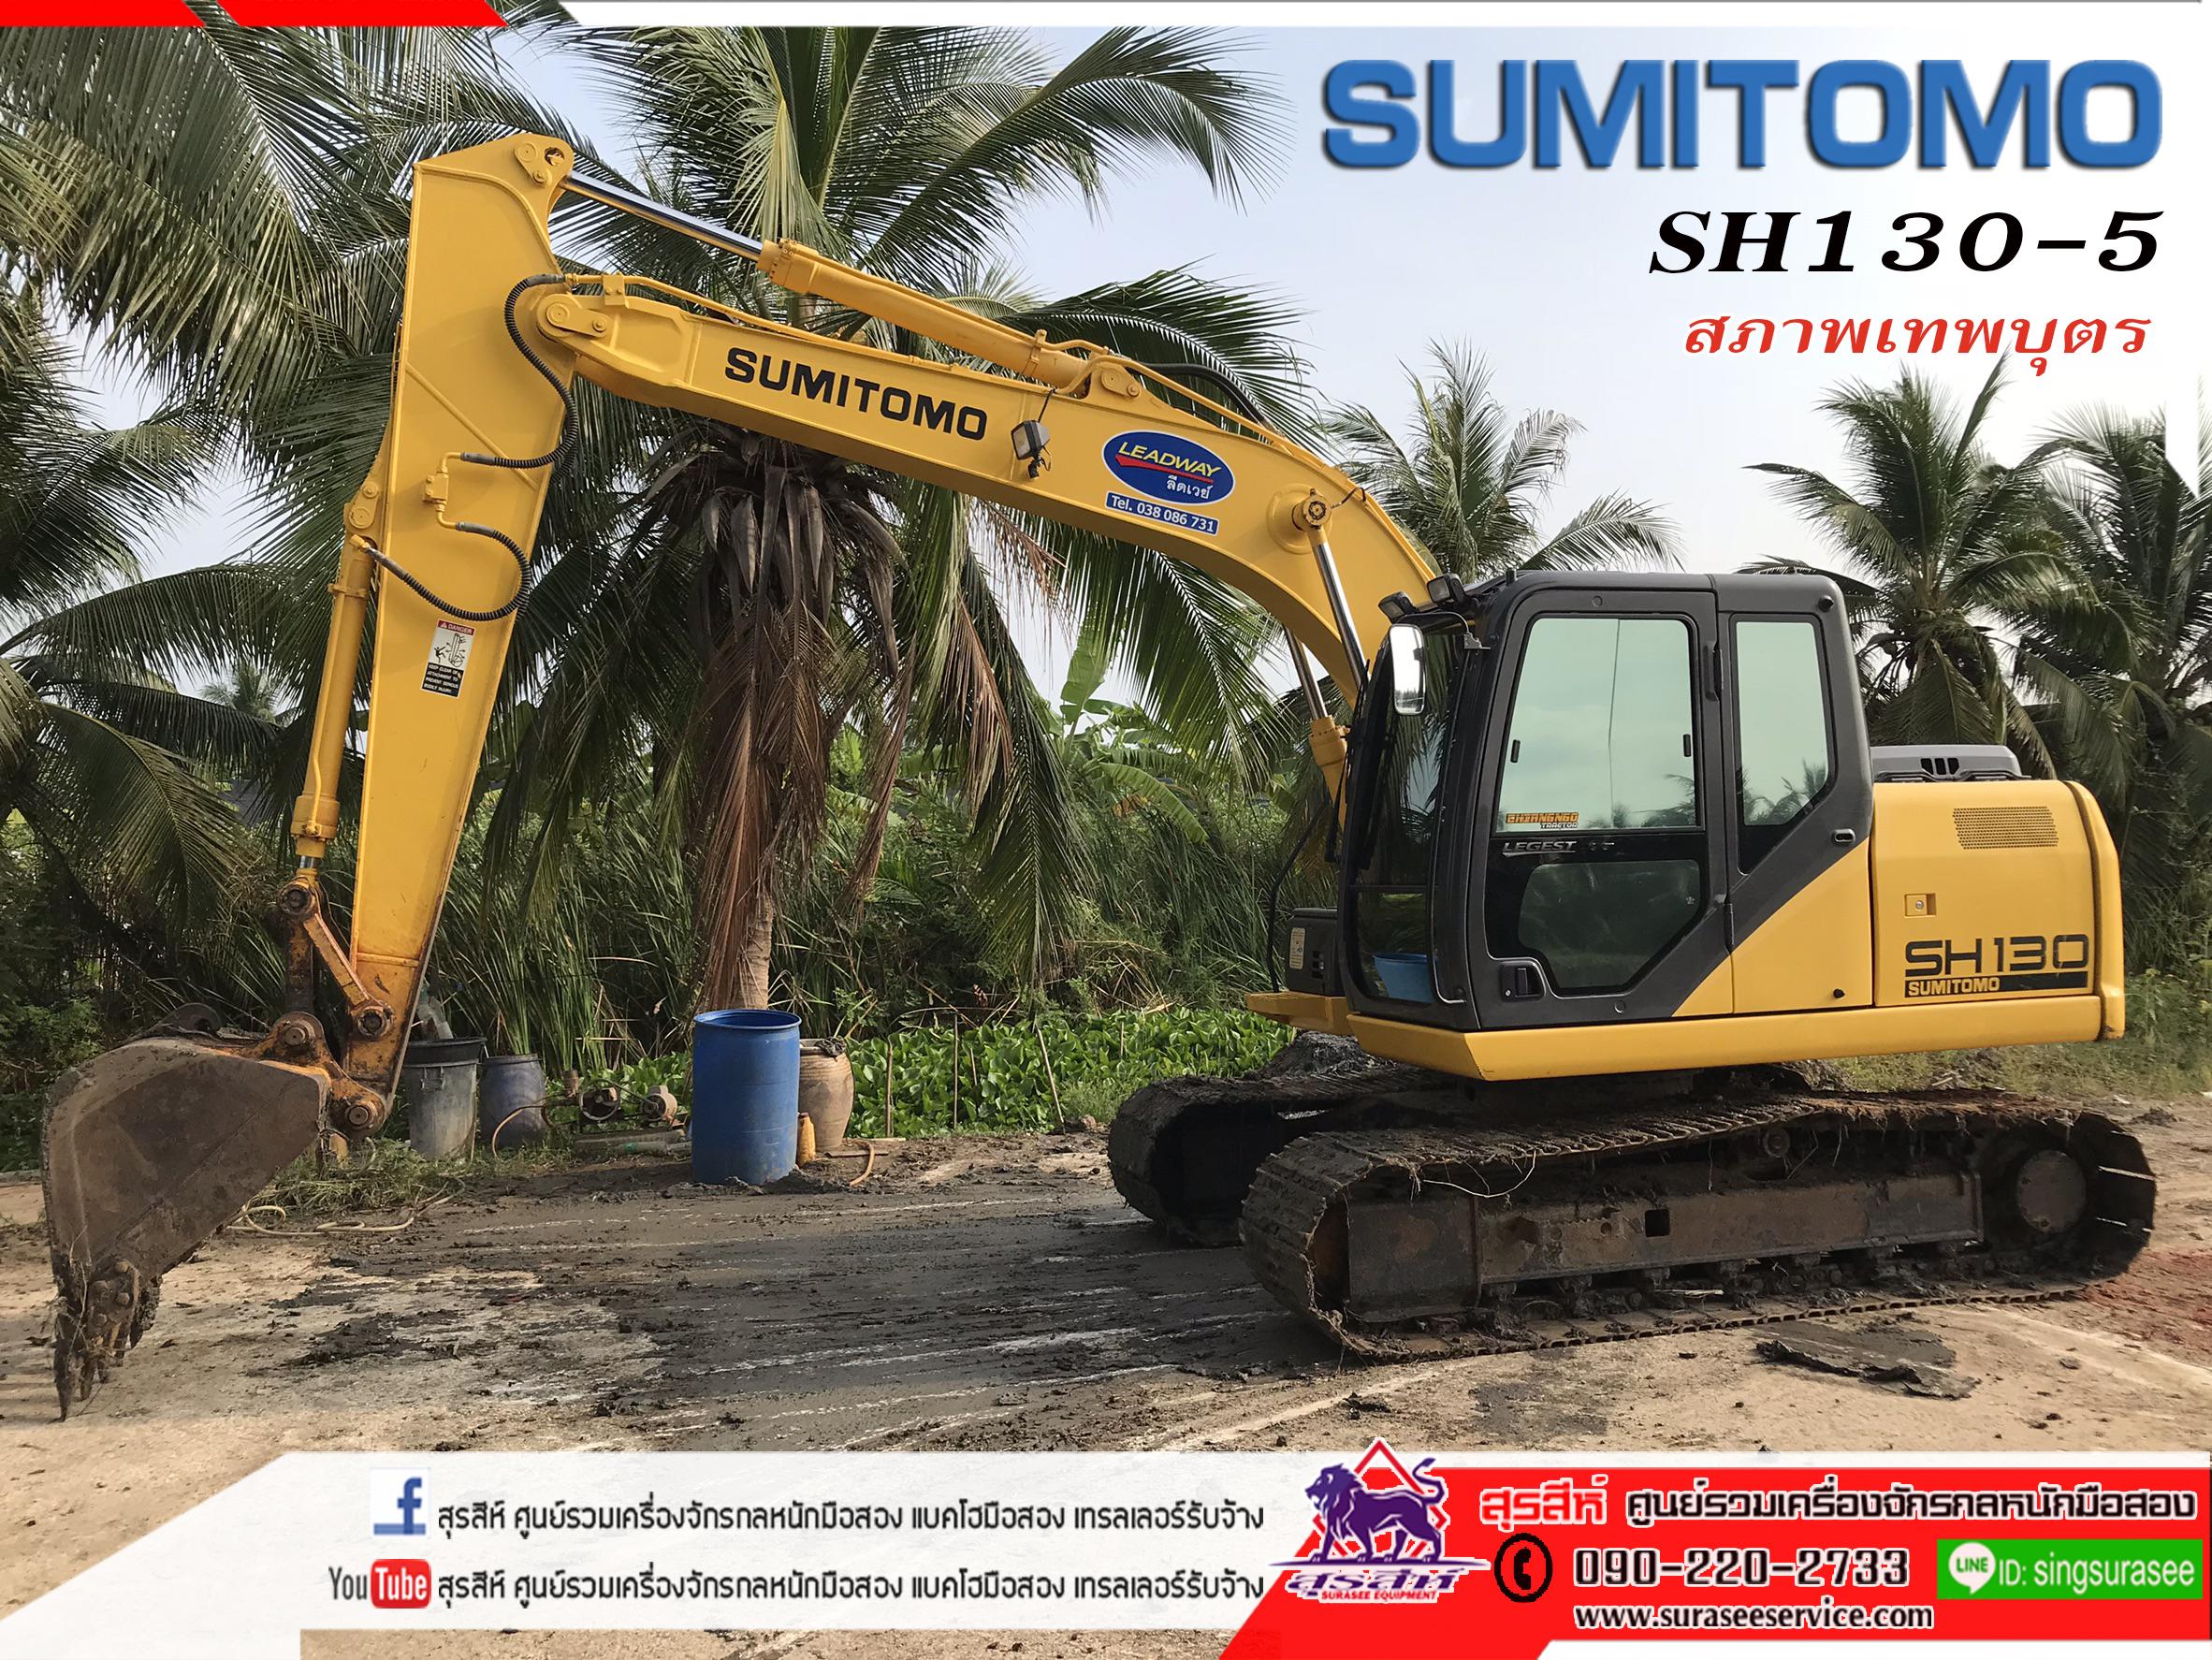 ขายรถแบคโฮ SUMITOMO SH130-5 สภาพเทพบุตร รถสวย ทำงานสมบูรณ์ทุกระบบ เอกสารเล่มทะเบียน